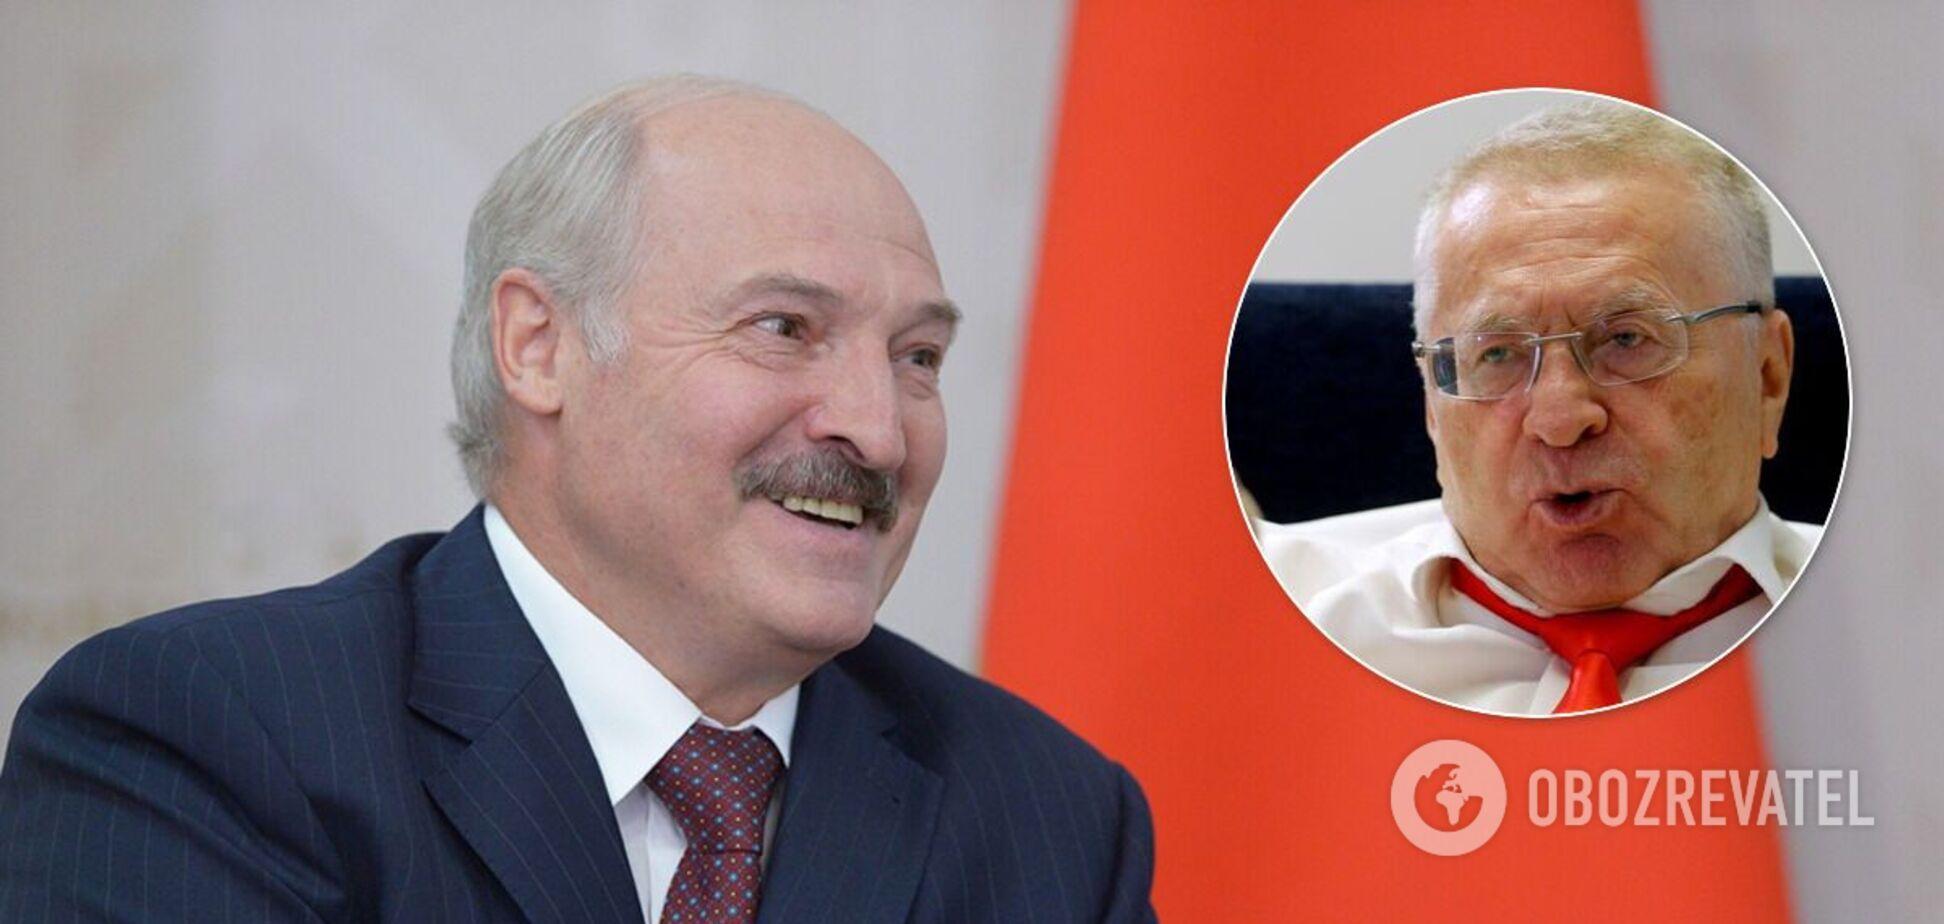 Жириновский предлагает сделать Лукашенко вице-премьером РФ по сельскому хозяйству